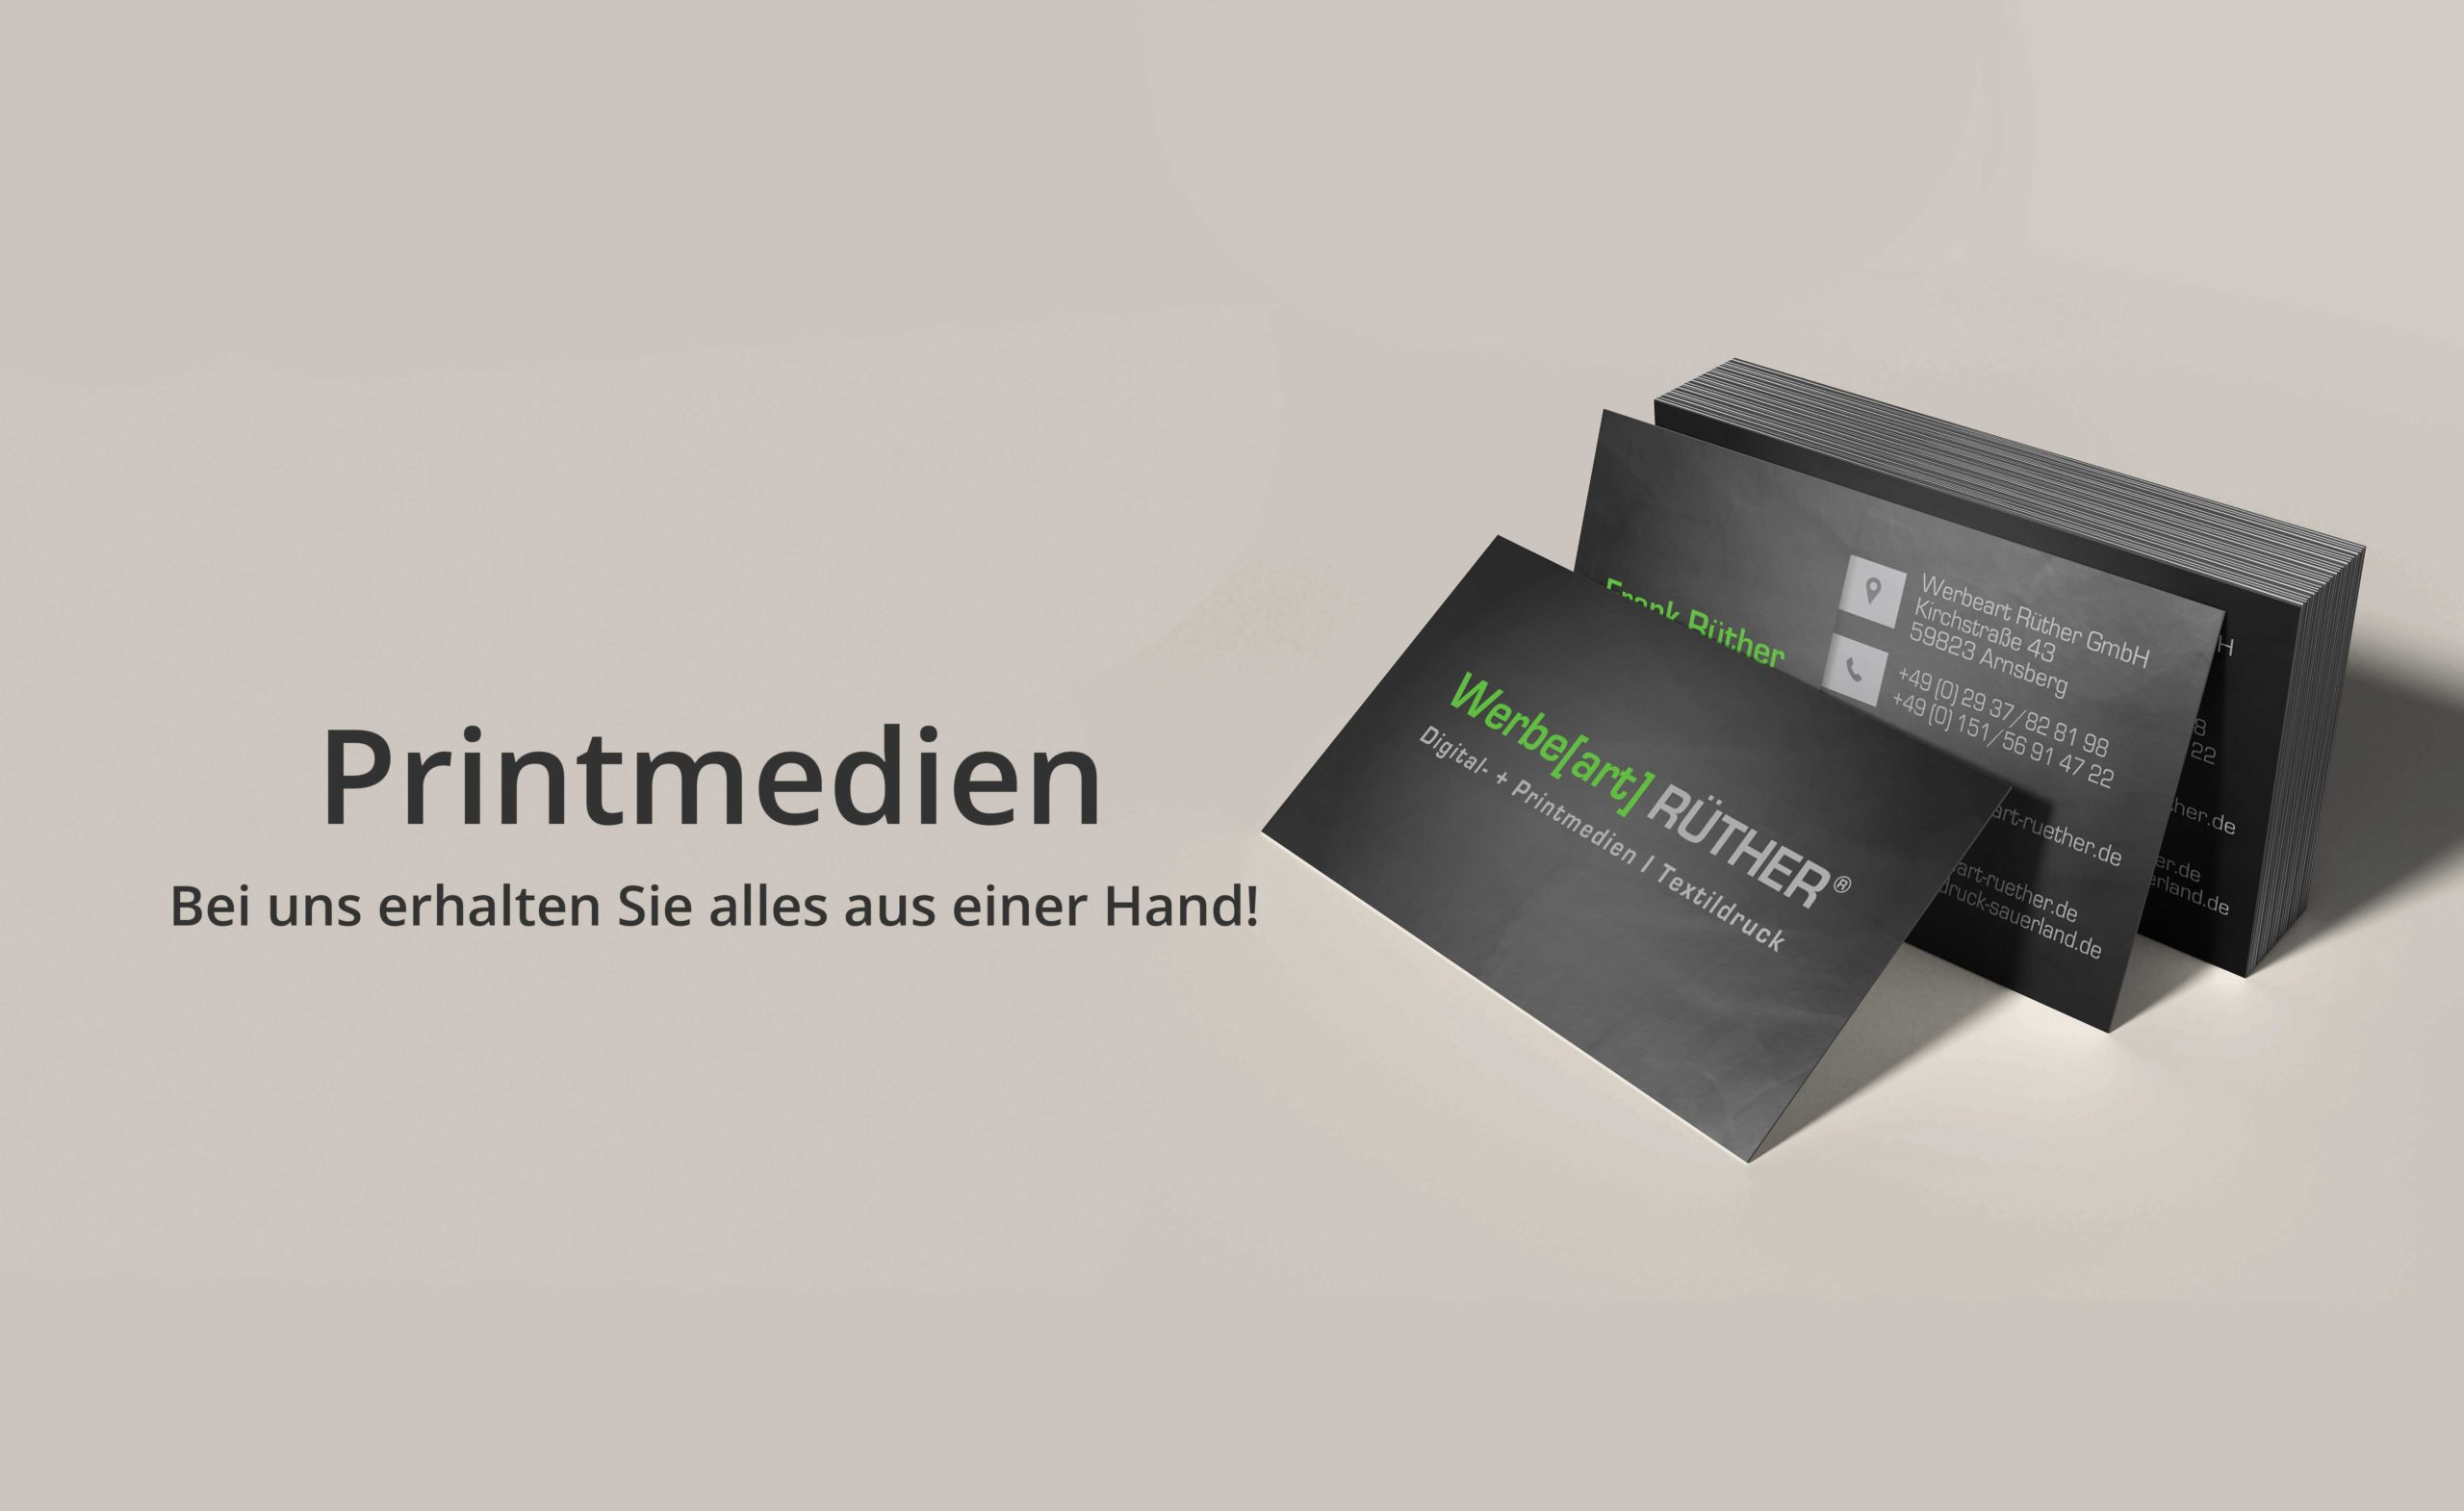 Printmedien - Bei uns erhalten Sie alles aus einer Hand!